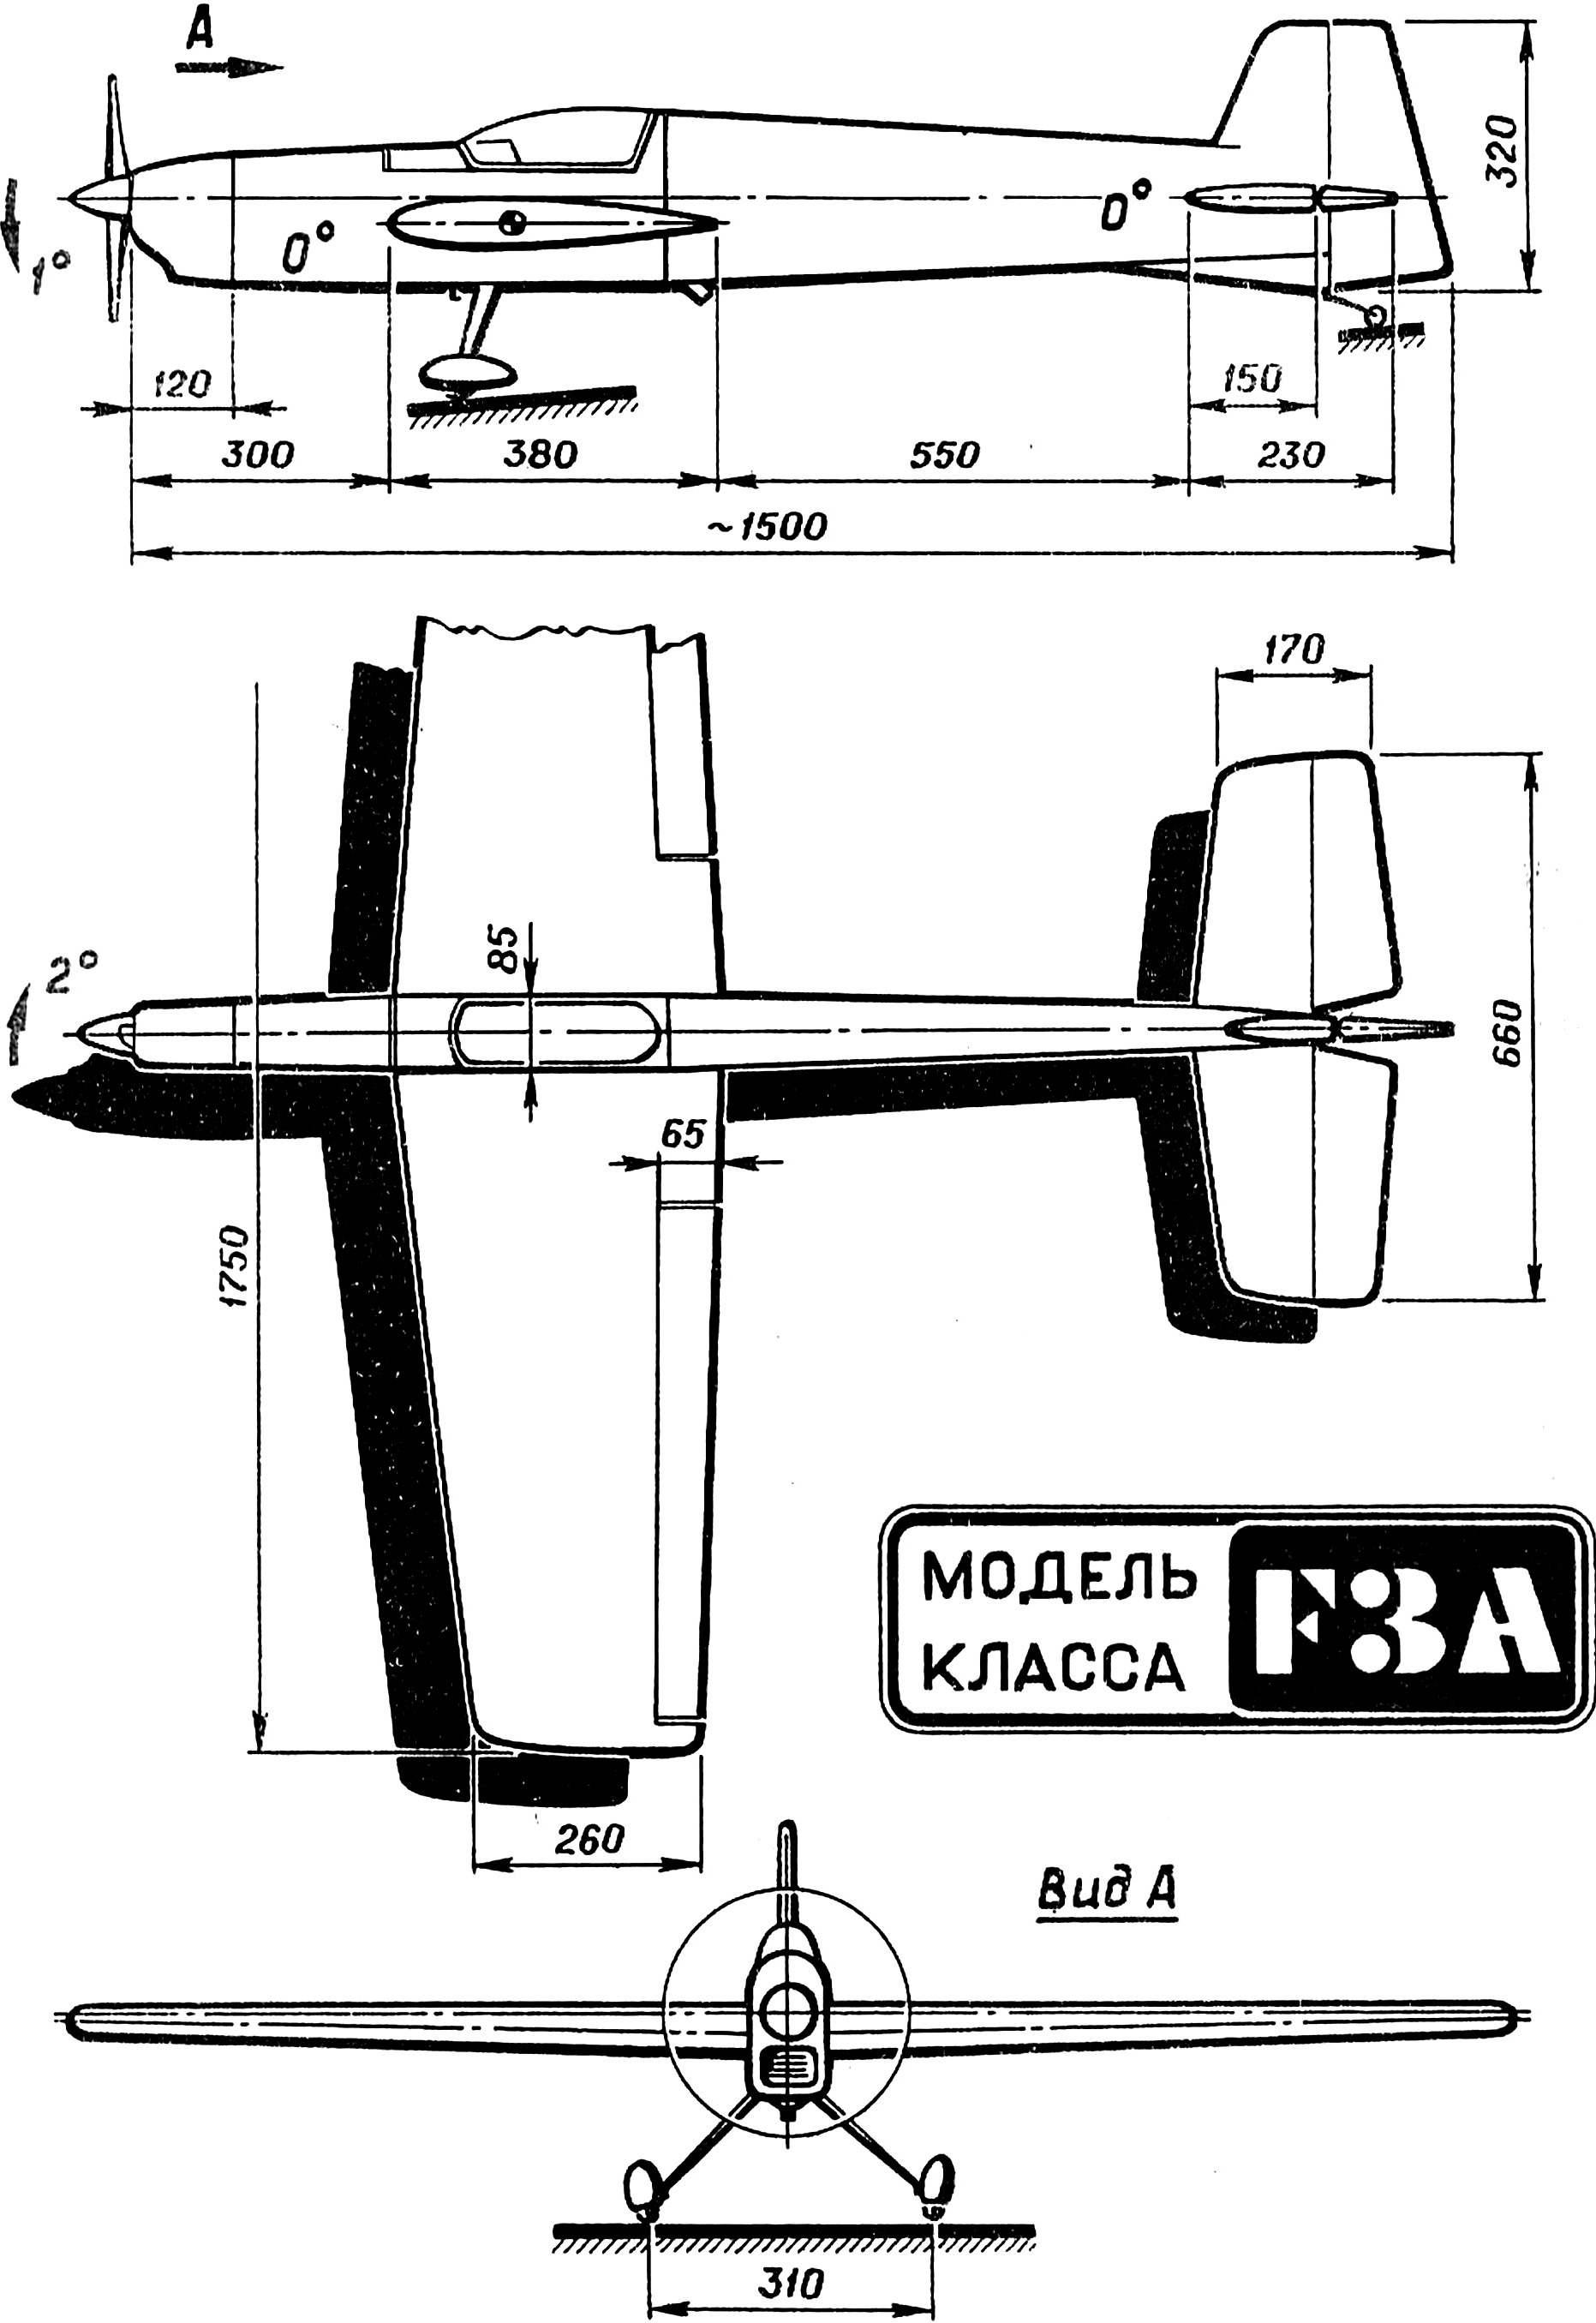 Радиоуправляемая авиамодель чемпионатного класса.